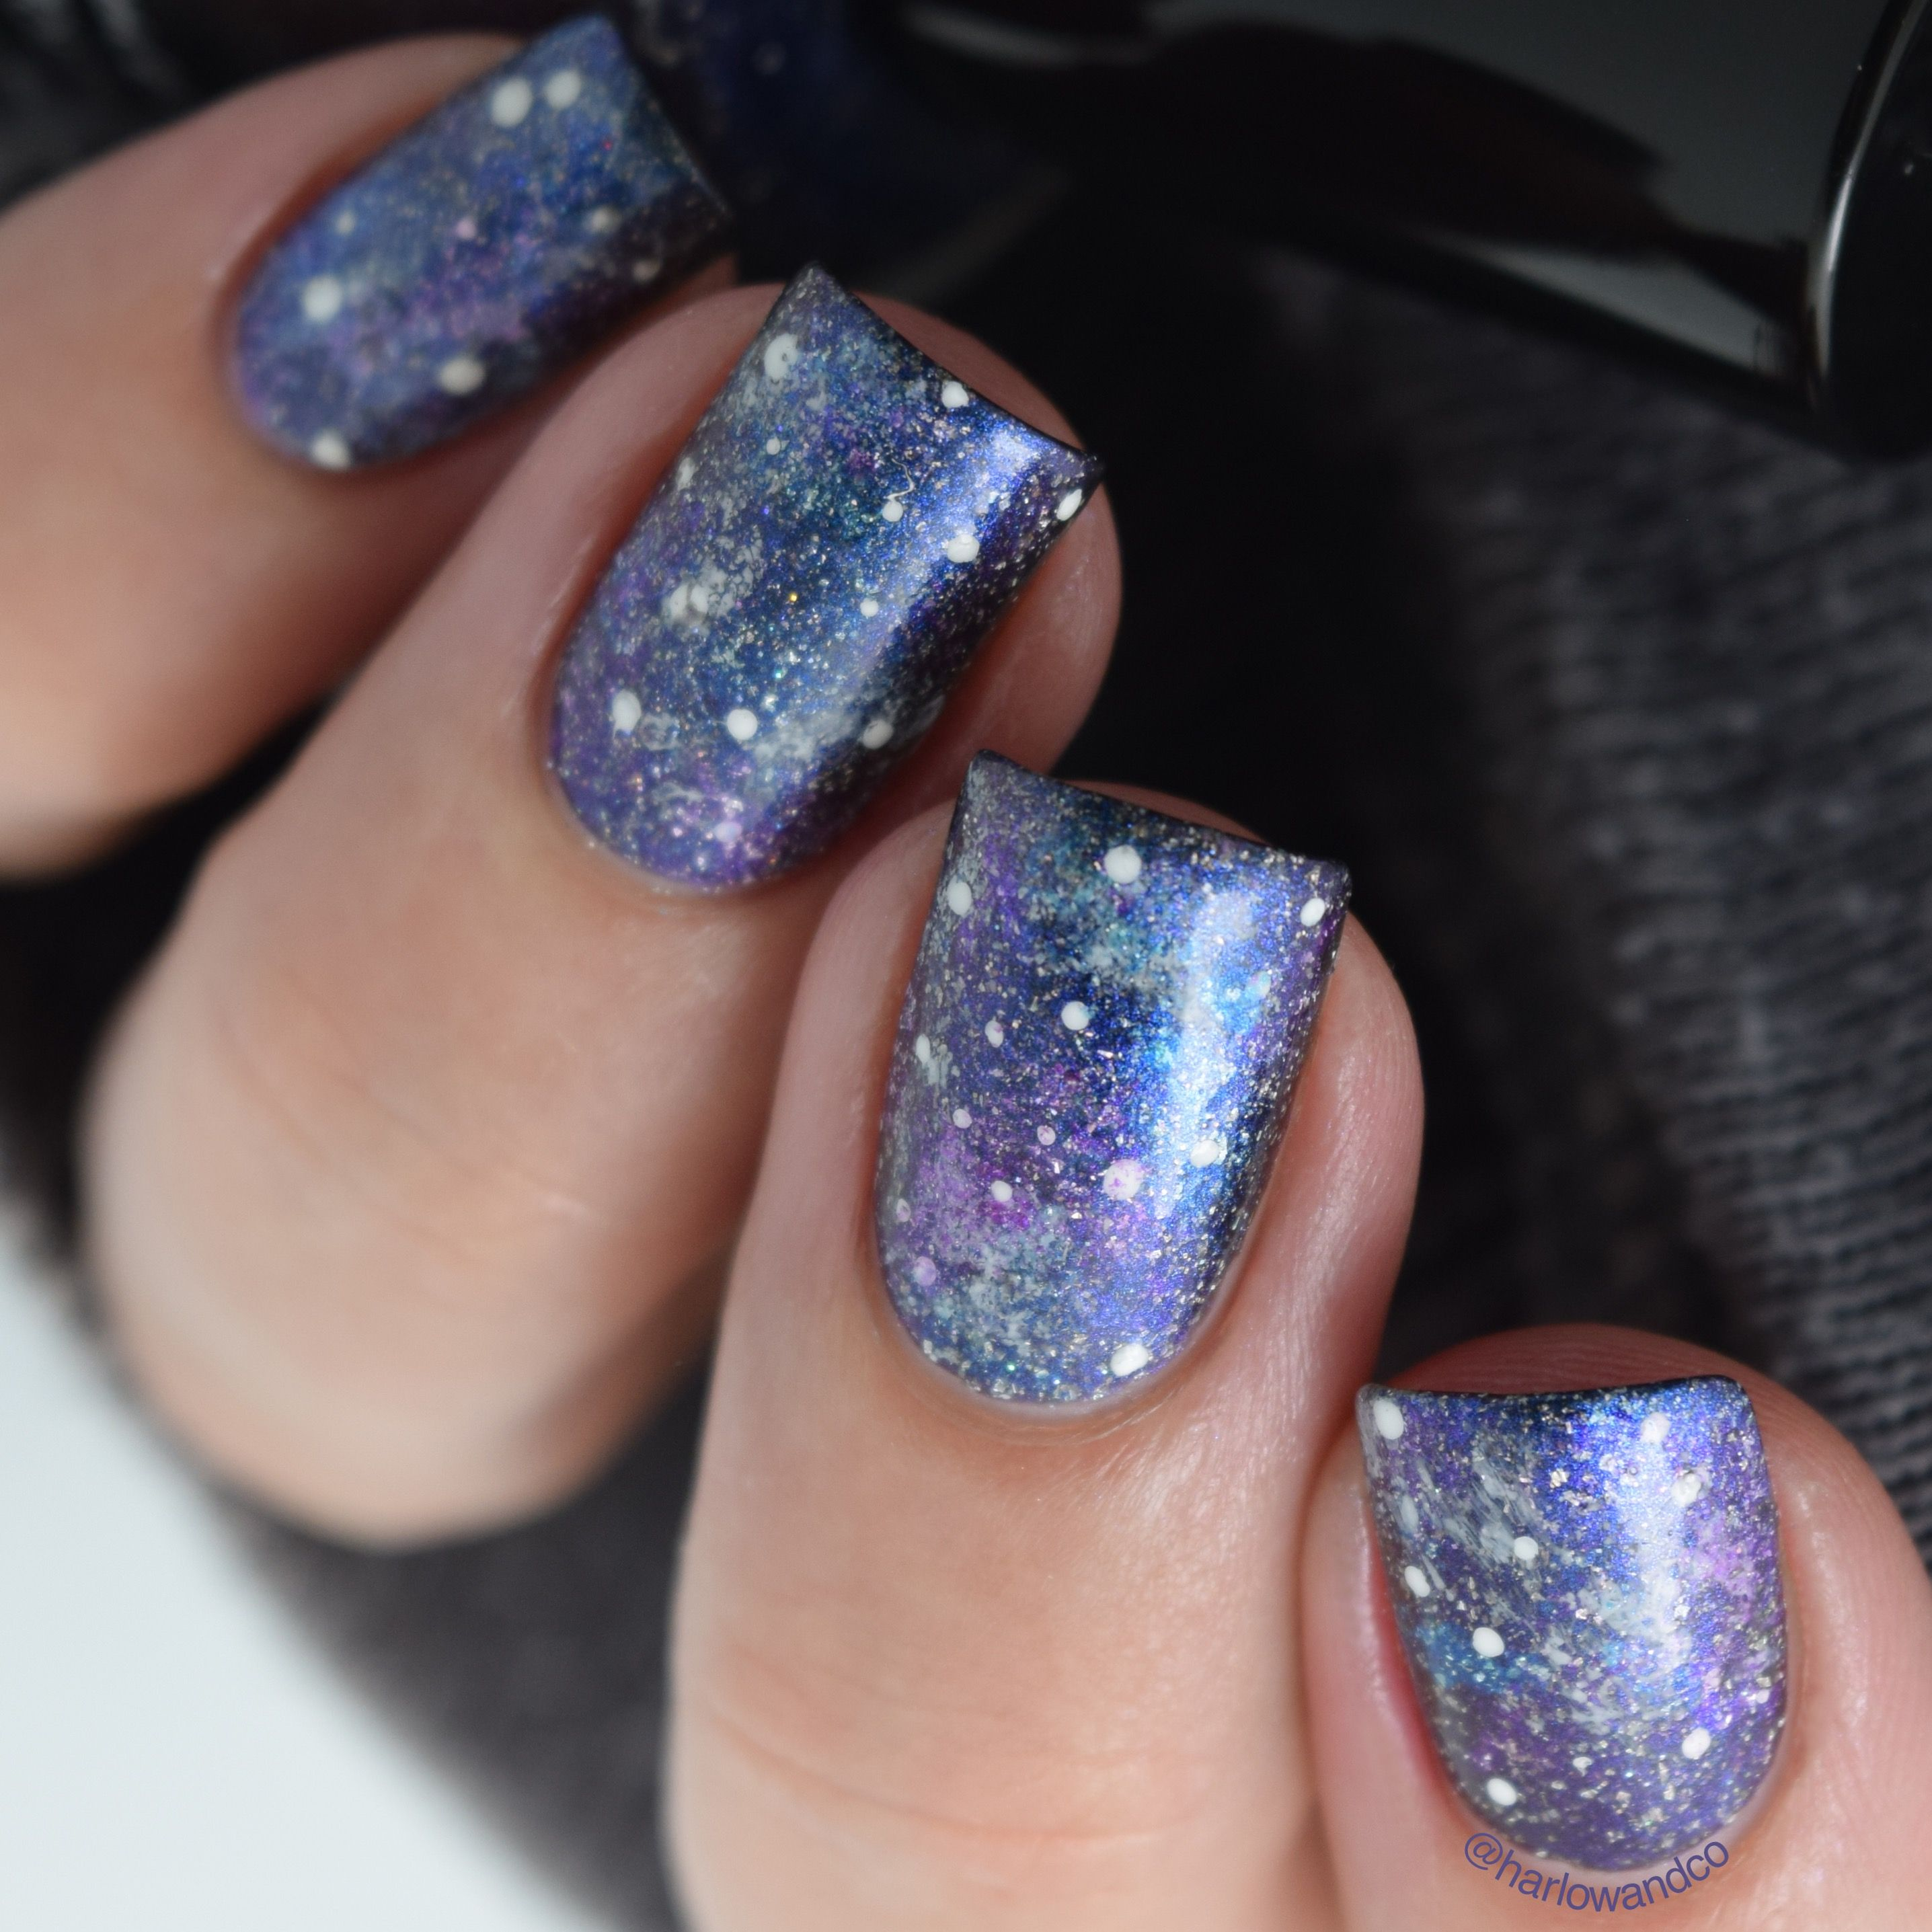 Galaxy Nail Products: Galaxy Nails Using All KBShimmer Nail Polishes 🌌